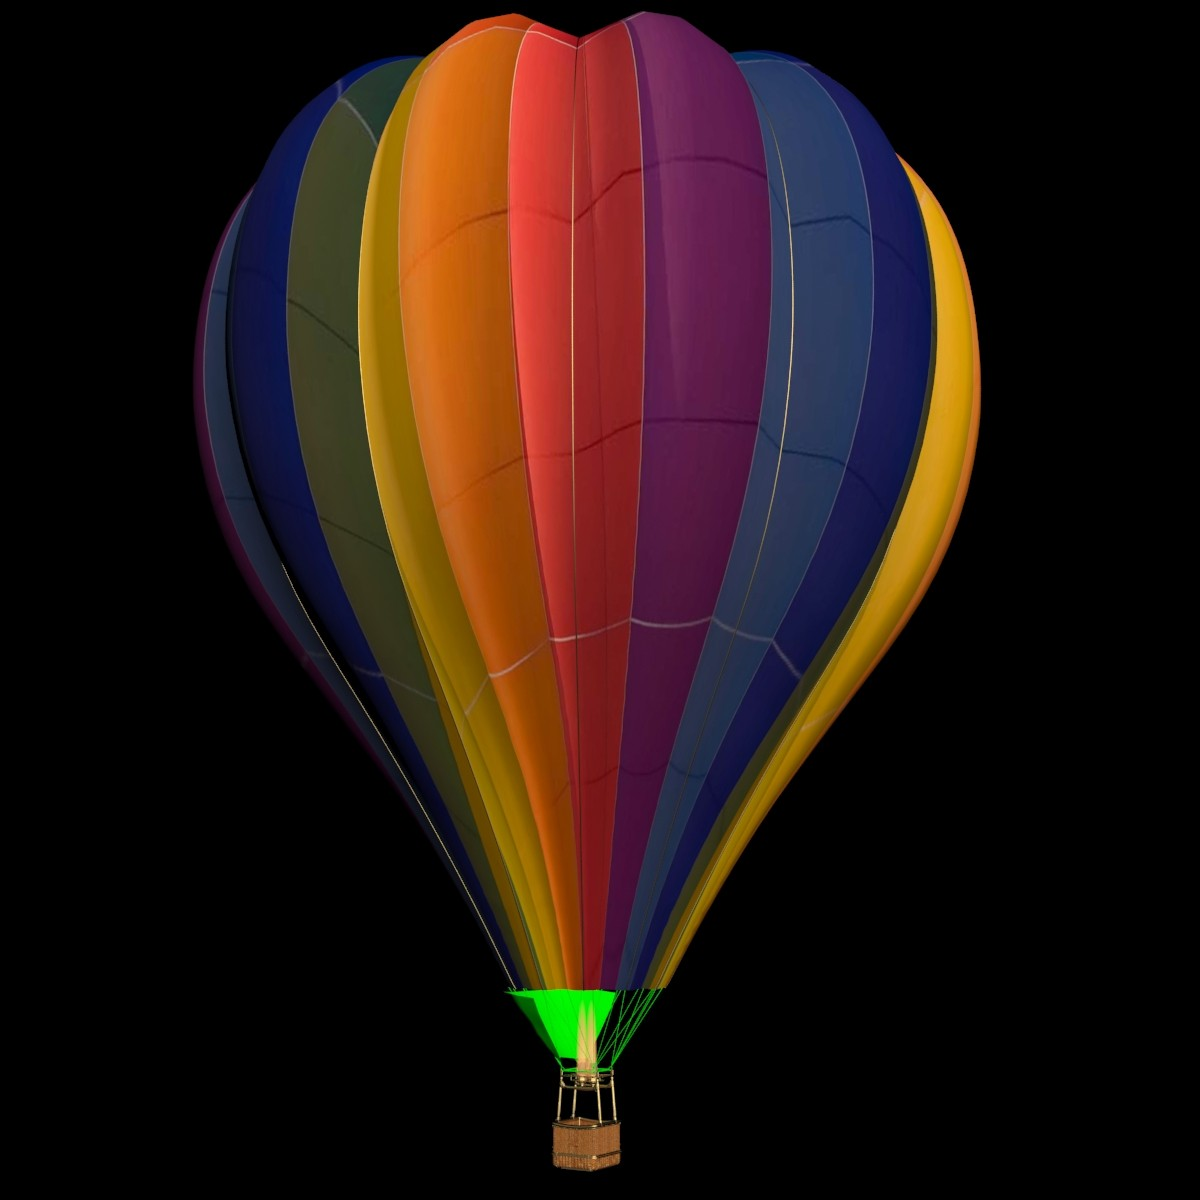 hot_air_balloon_fire_patternA1.jpg